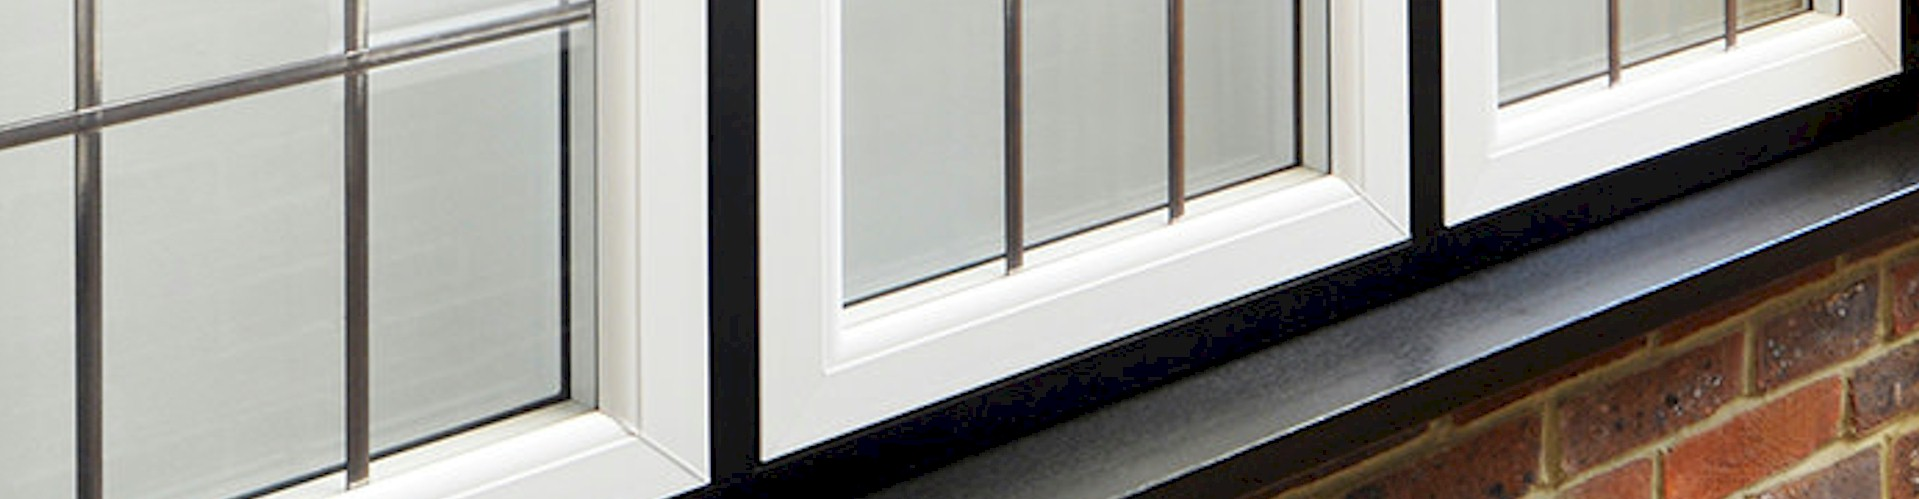 Flush Glazed Windows : Manufacturer of upvc plastic double glazed flush sash